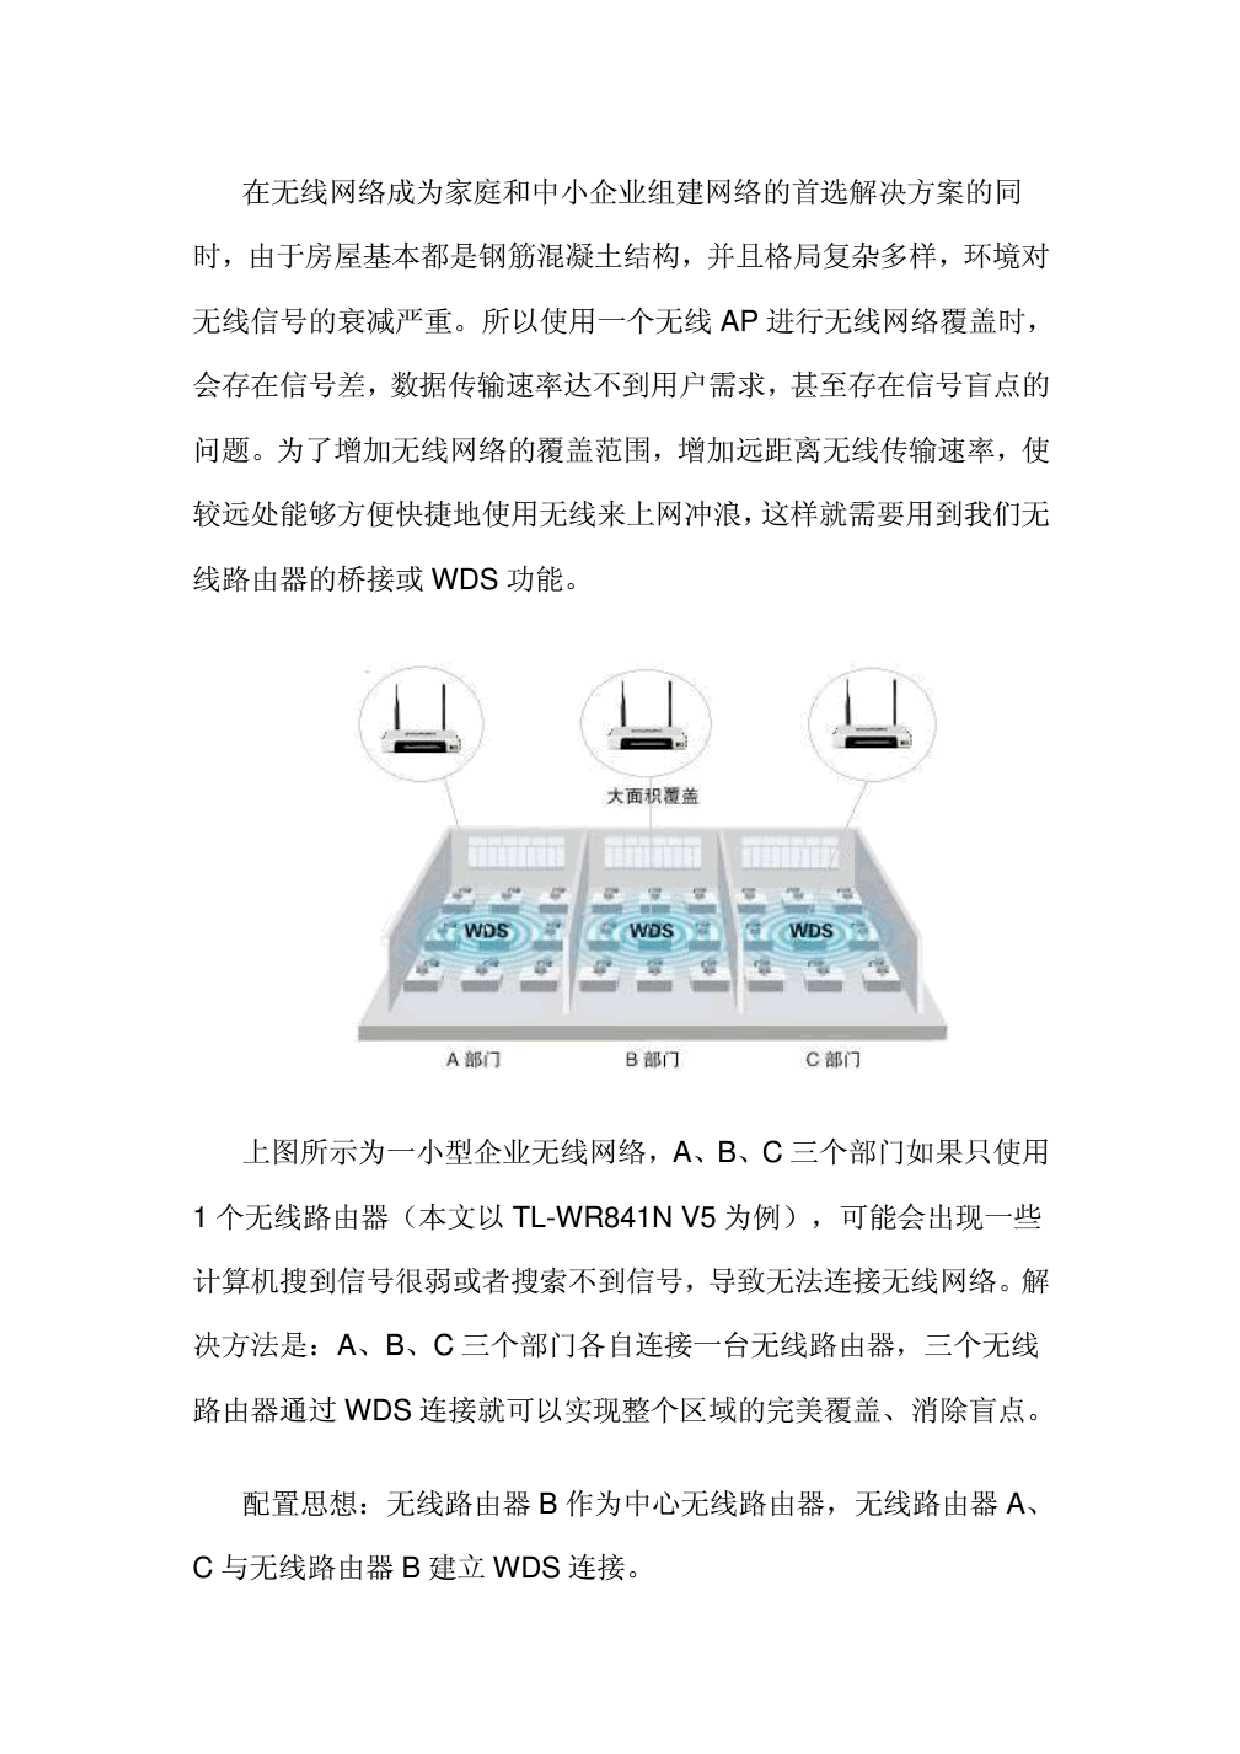 完整的解决方案:无线路由器的WPS桥接设置_计算机硬件和网络_IT /计算机_数据